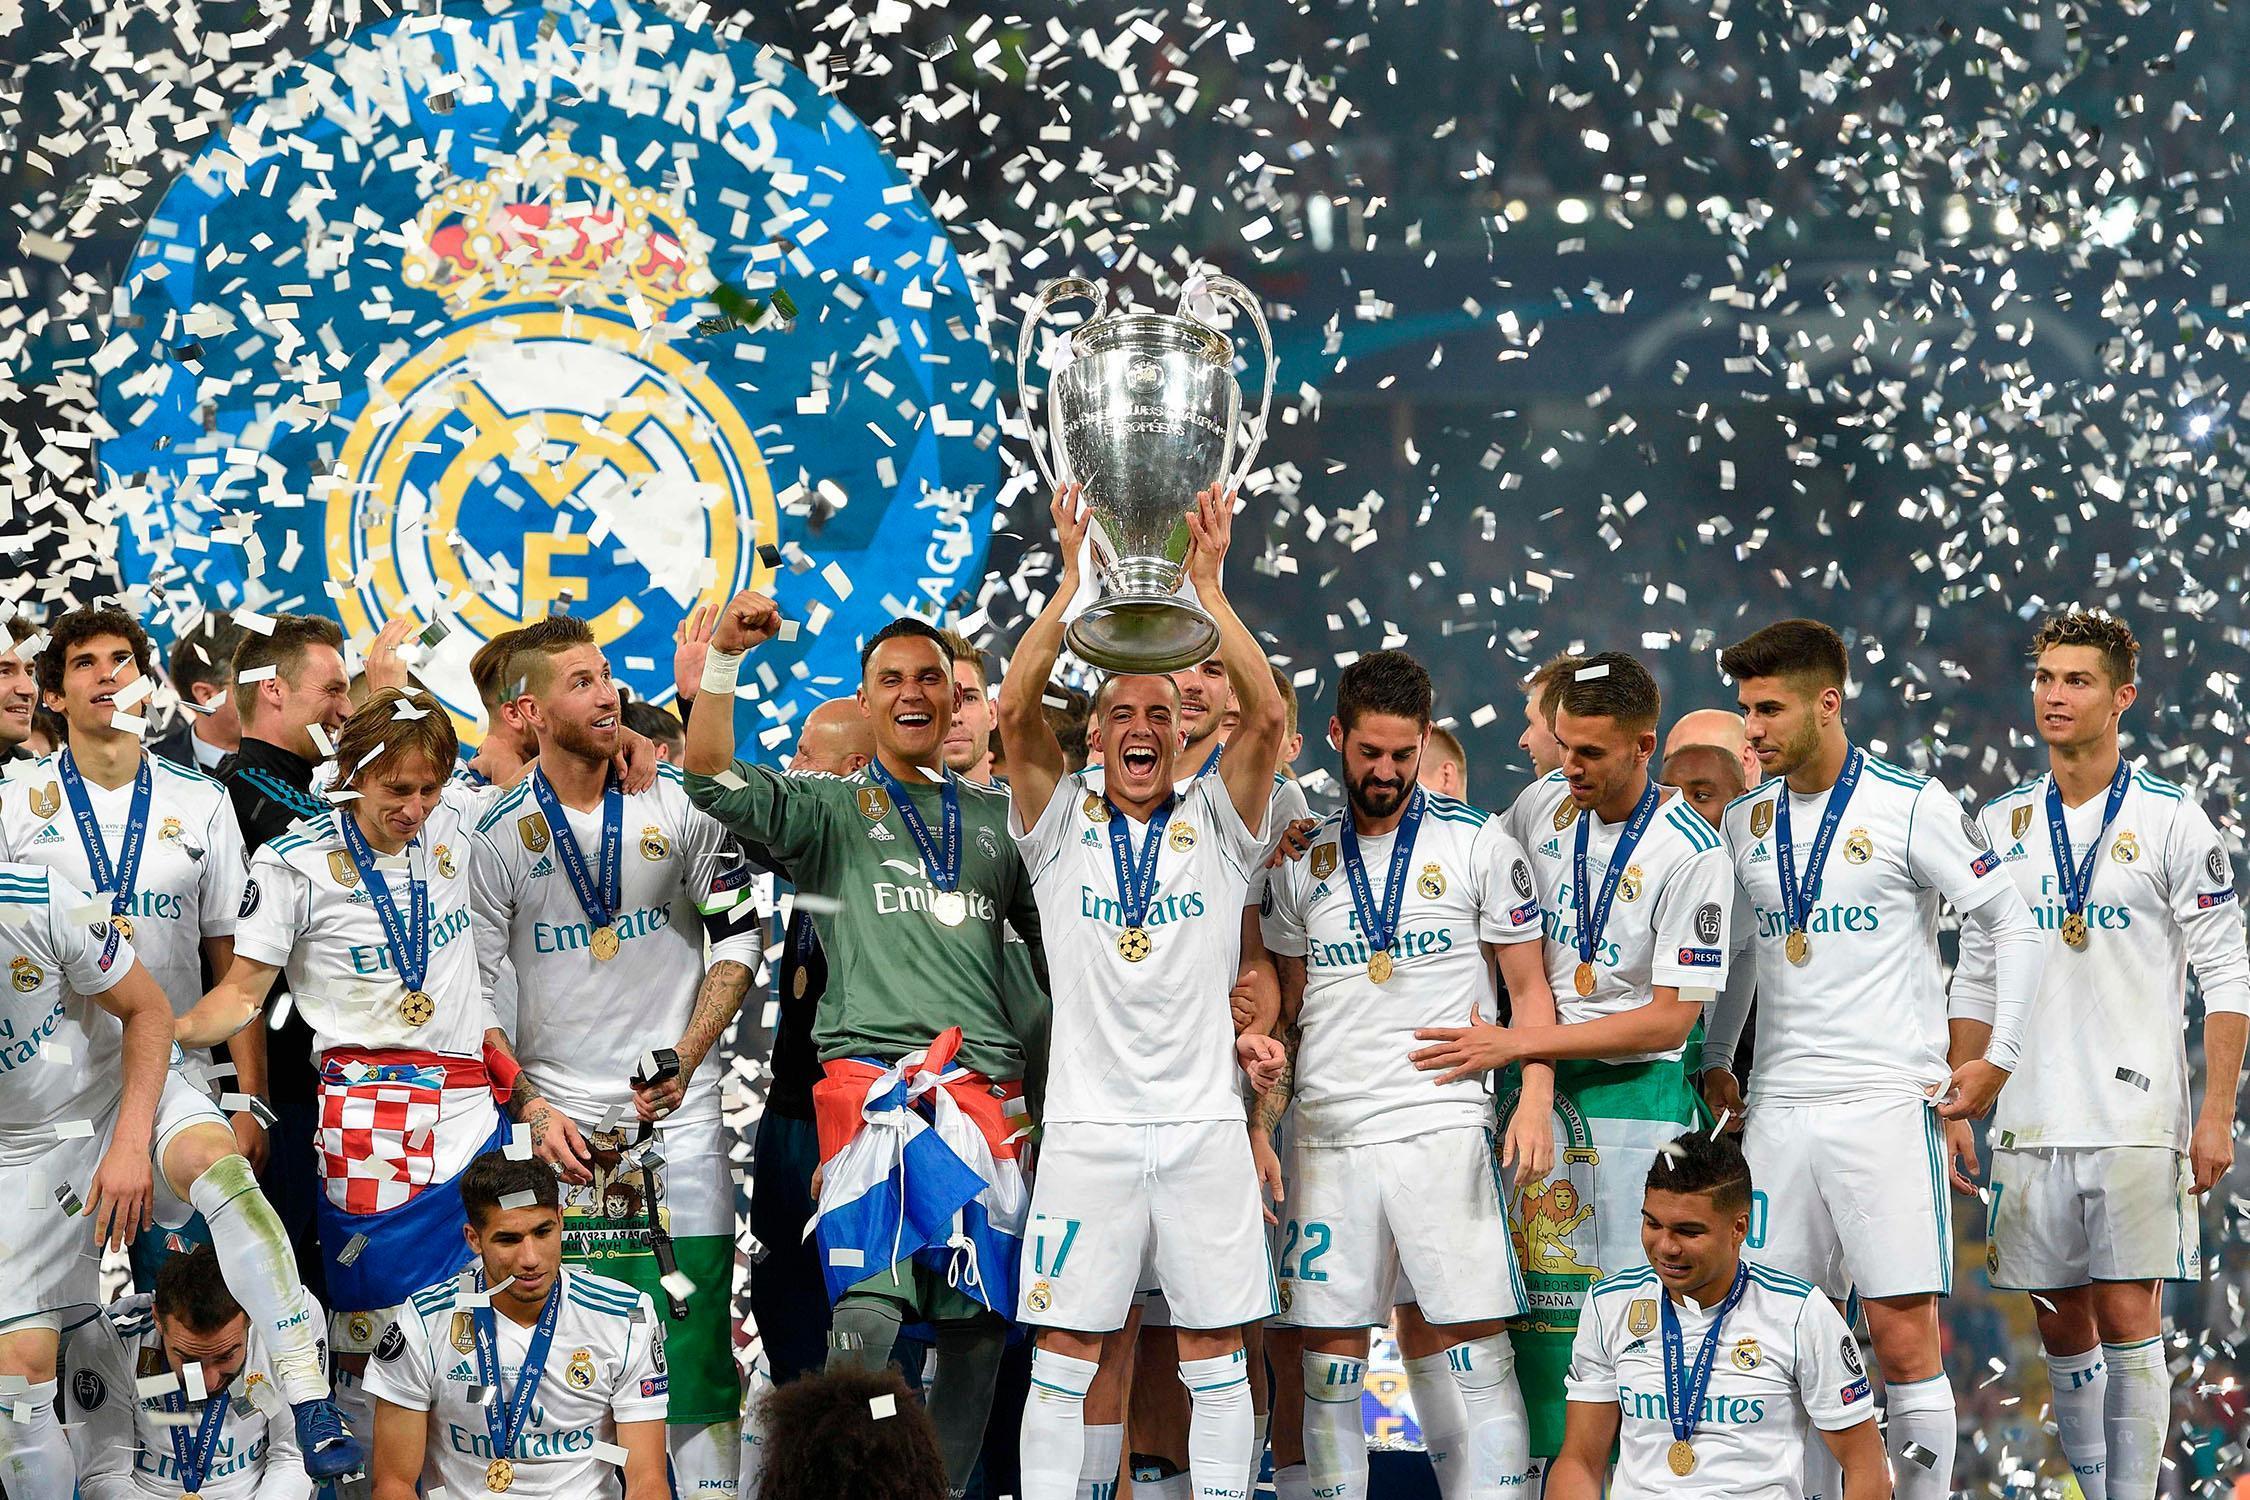 Đội hình Real Madrid tại chung kết Champions League 2018 ngày ấy và bây giờ